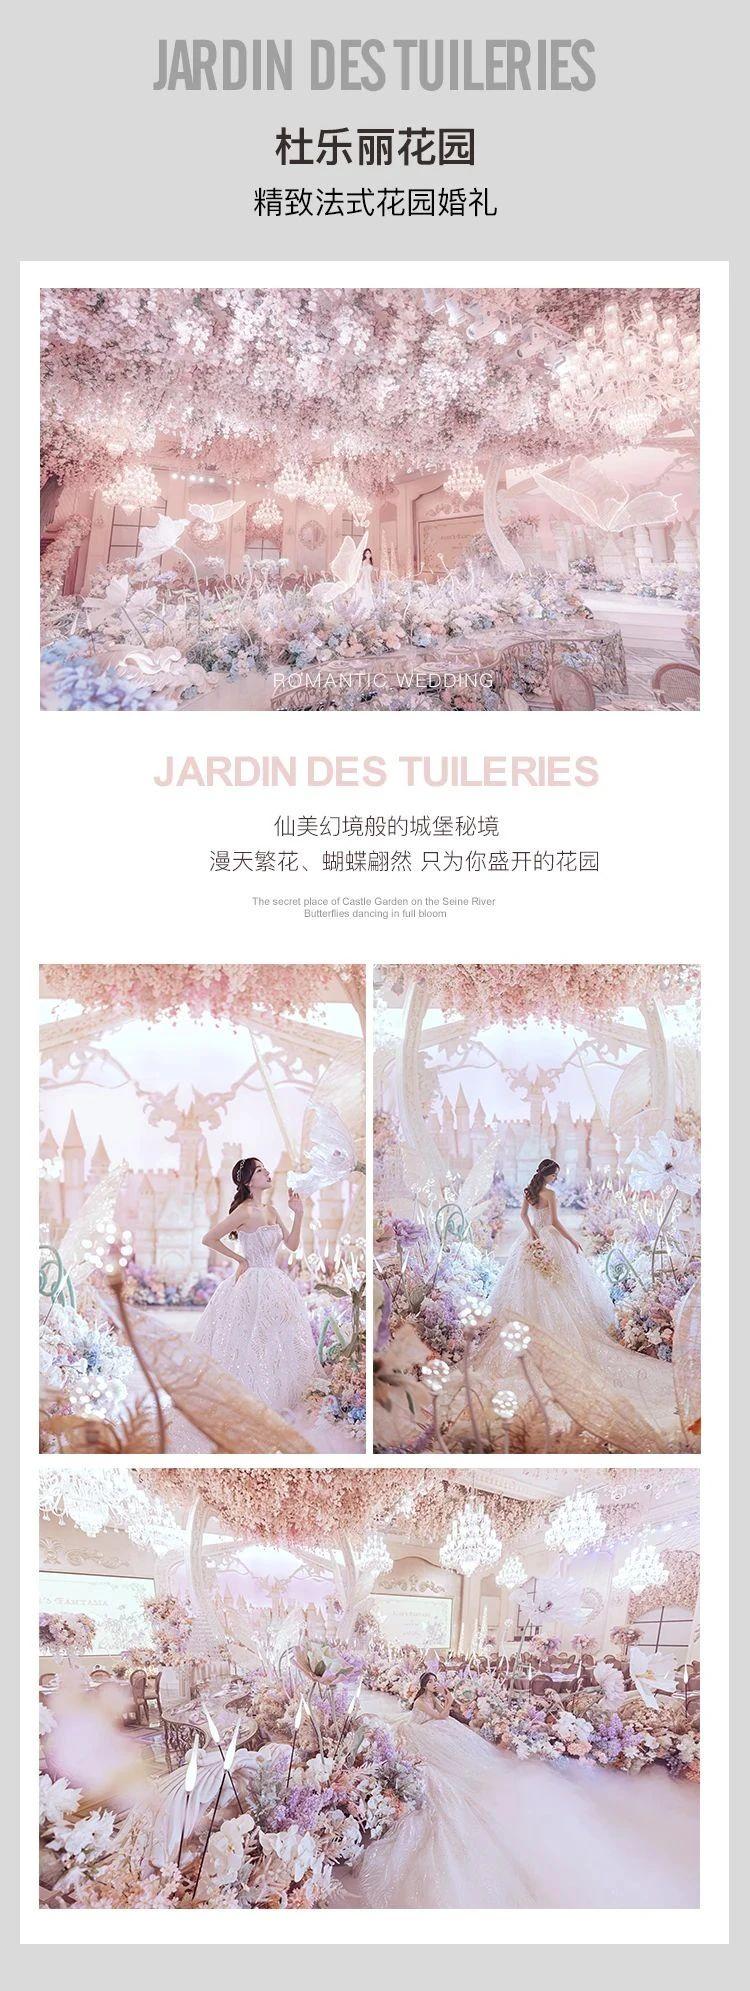 婚礼堂发布:花嫁丽舍X蔡上,打造2021《皇冠上的宝石》  第14张